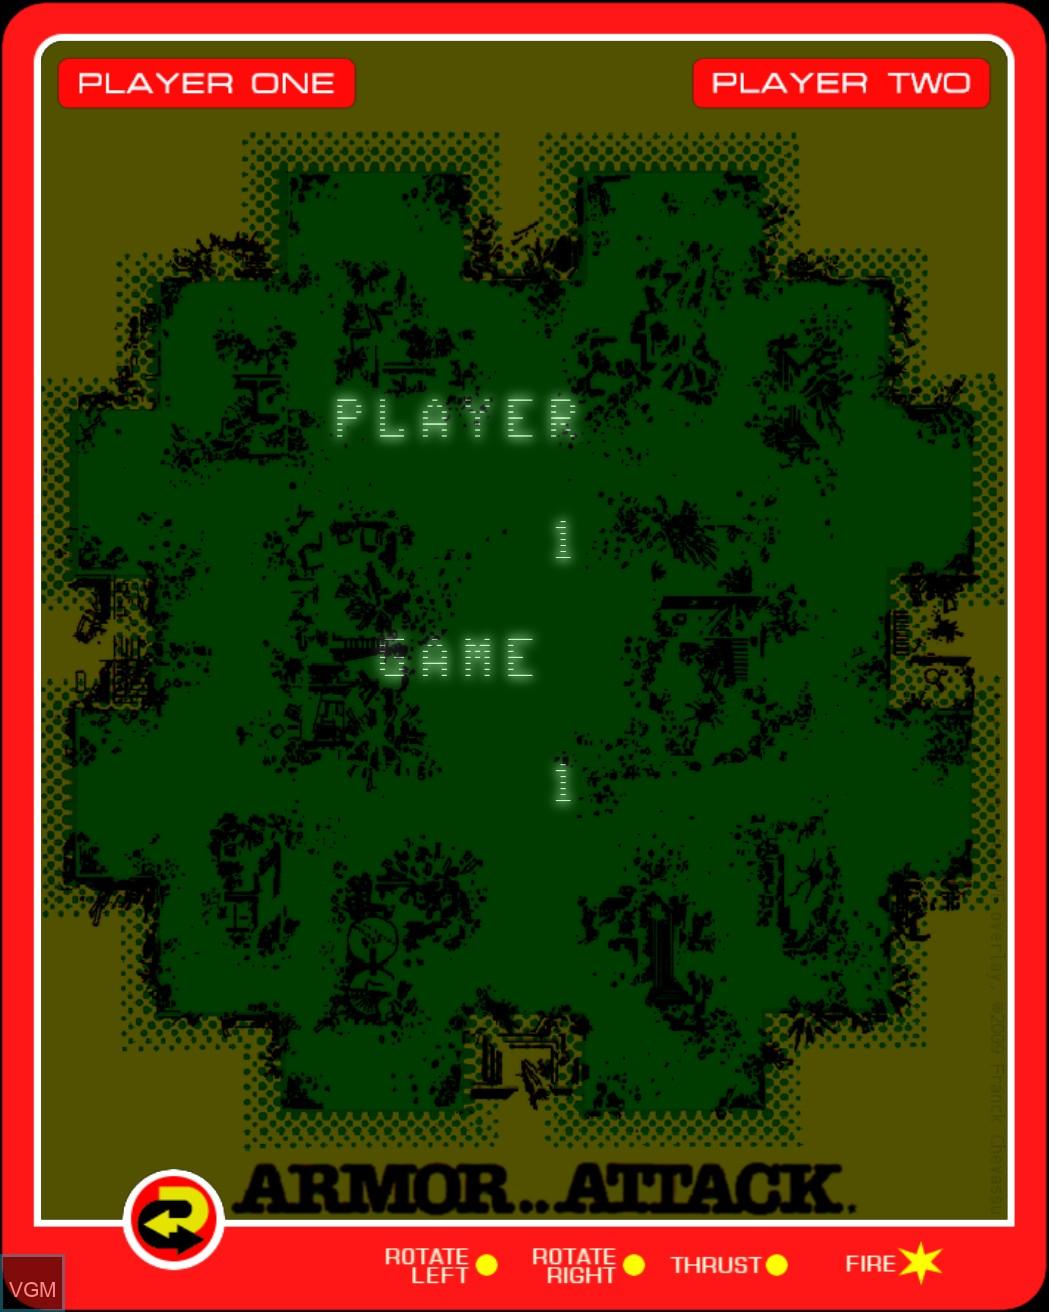 Image du menu du jeu Armor Attack sur MB Vectrex